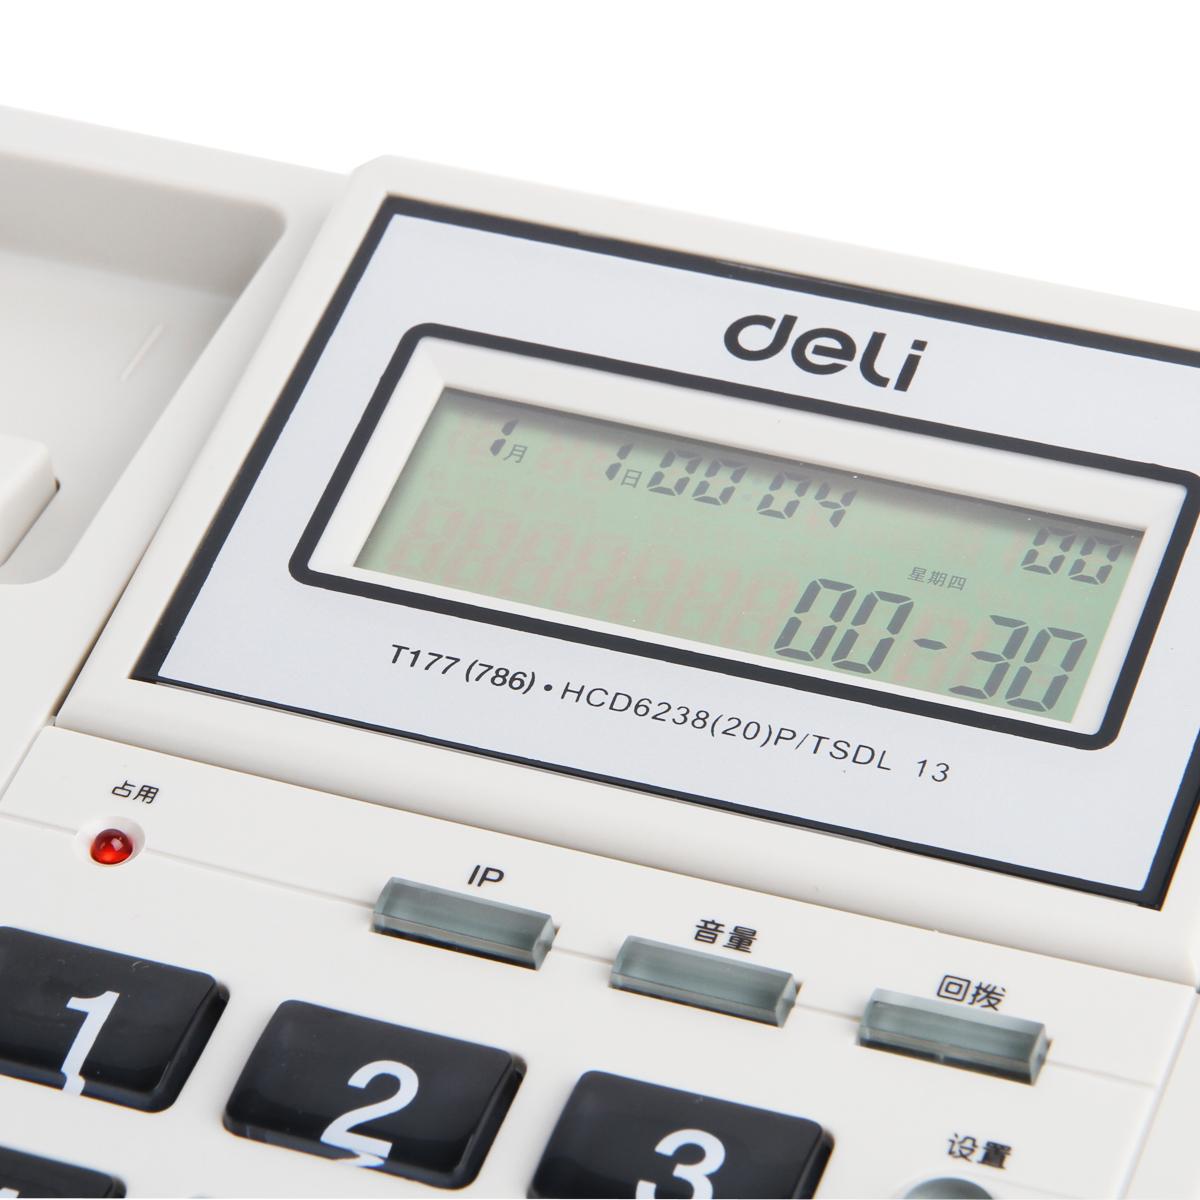 得力电话机座机家用商务办公来电显示可接分机有线坐式固定电话机